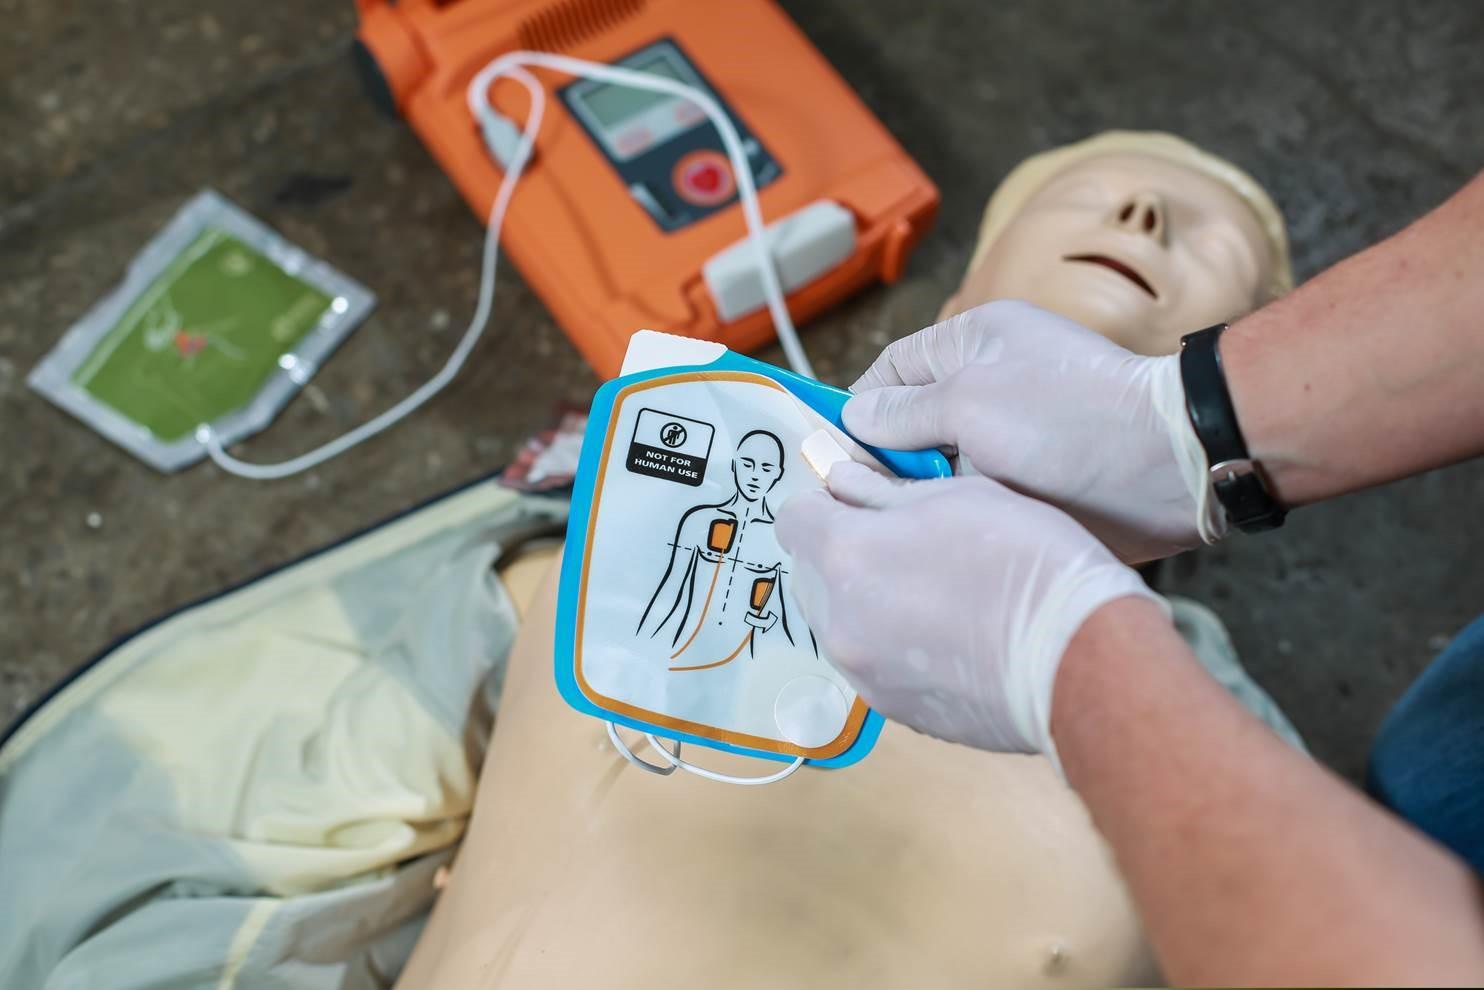 OED (Otomatik Eksternal Defibrilatör) Eğitimi